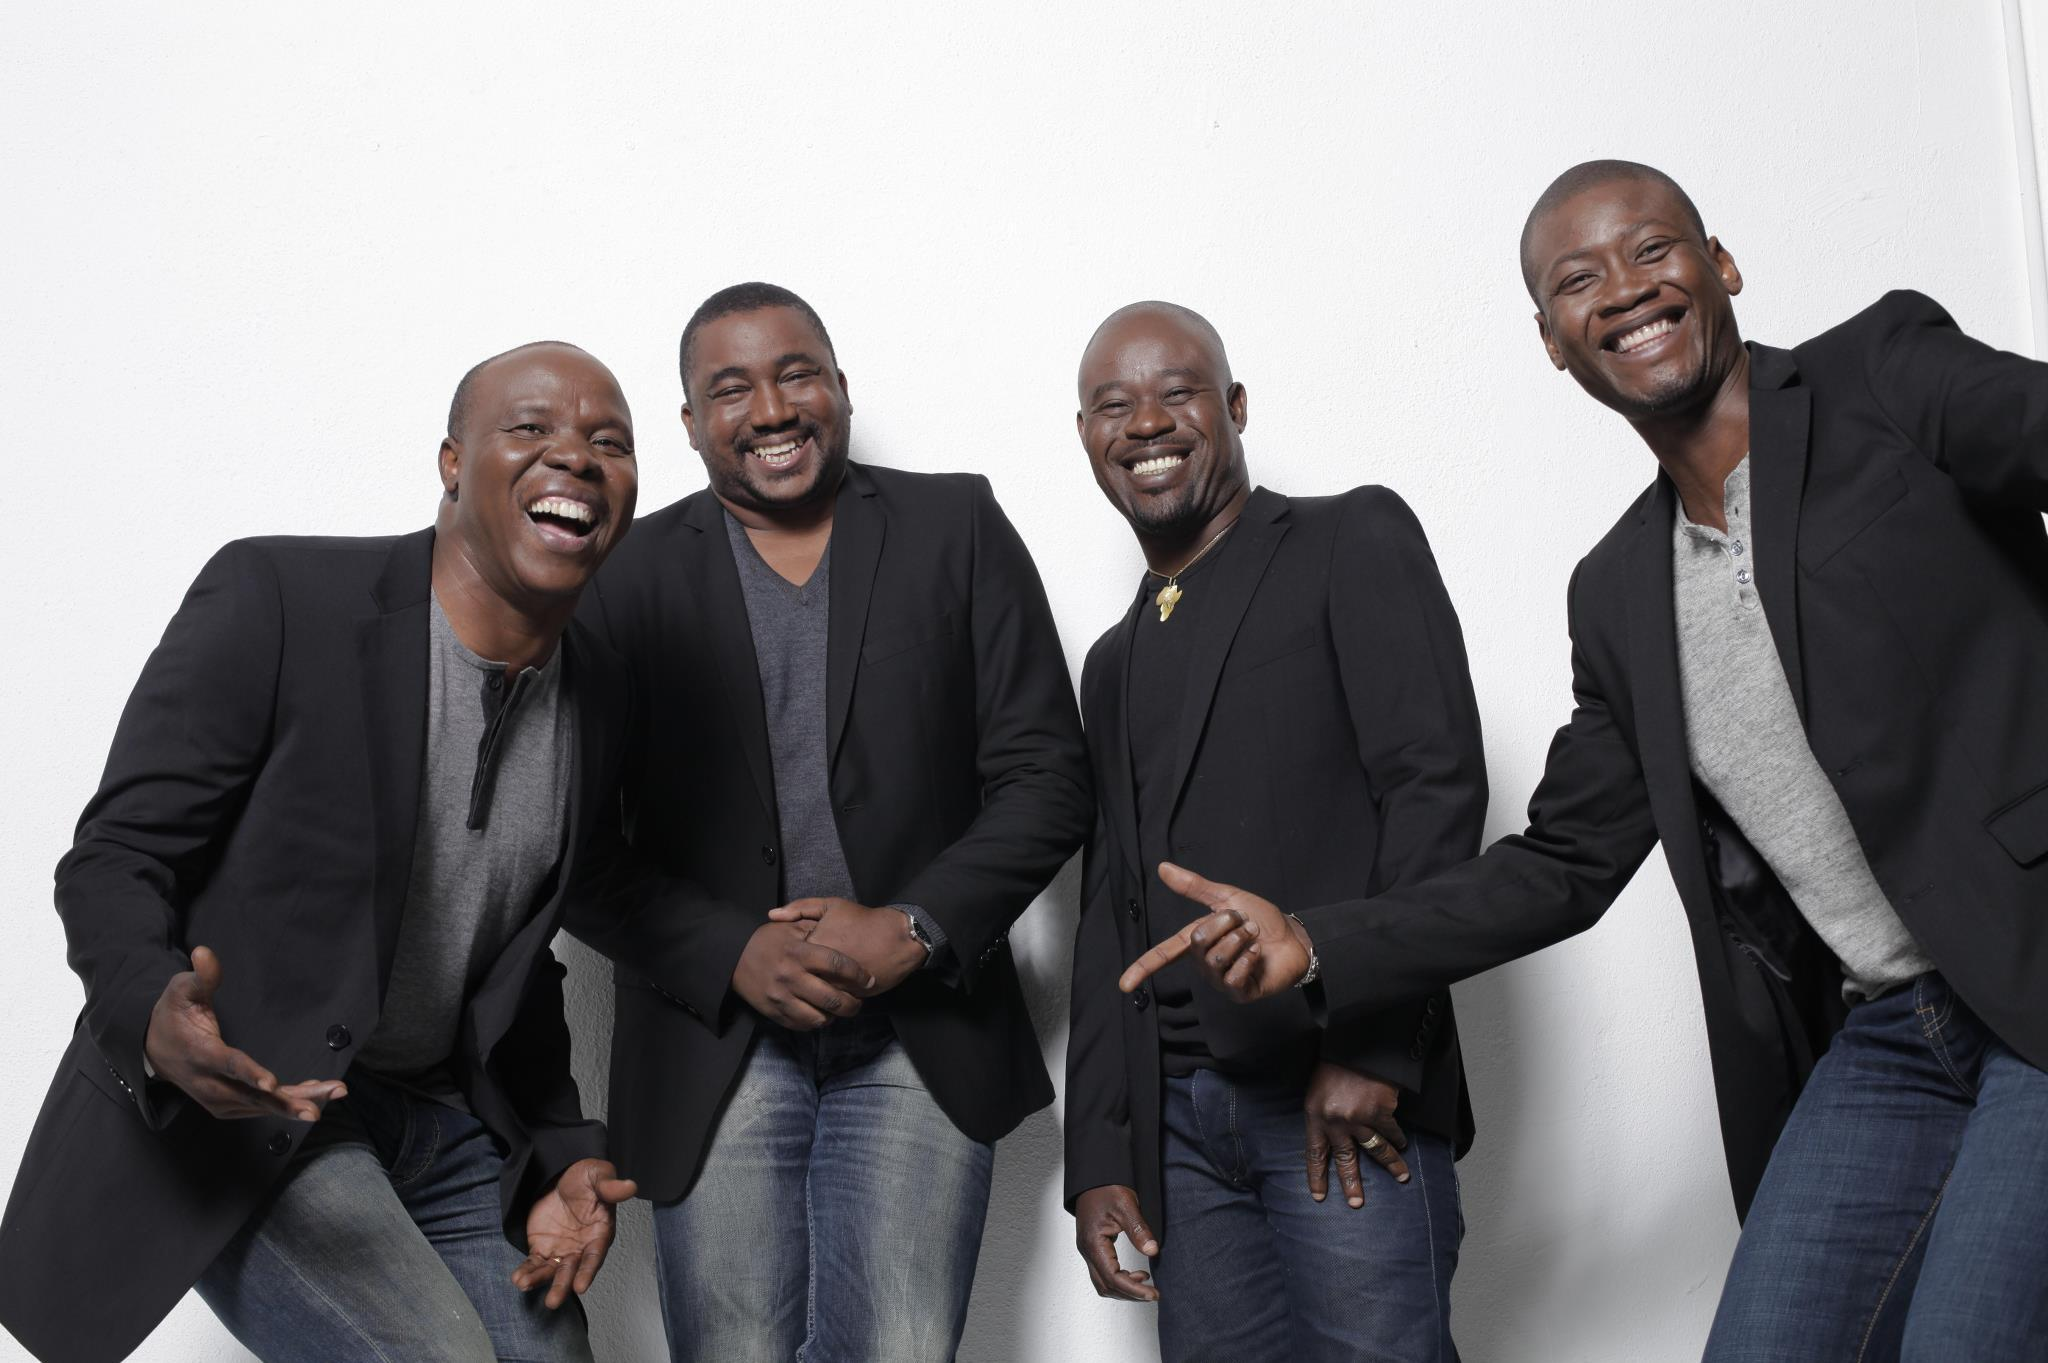 Le groupe Magic System lance une tournée africaine pour marquer son 20ème anniversaire